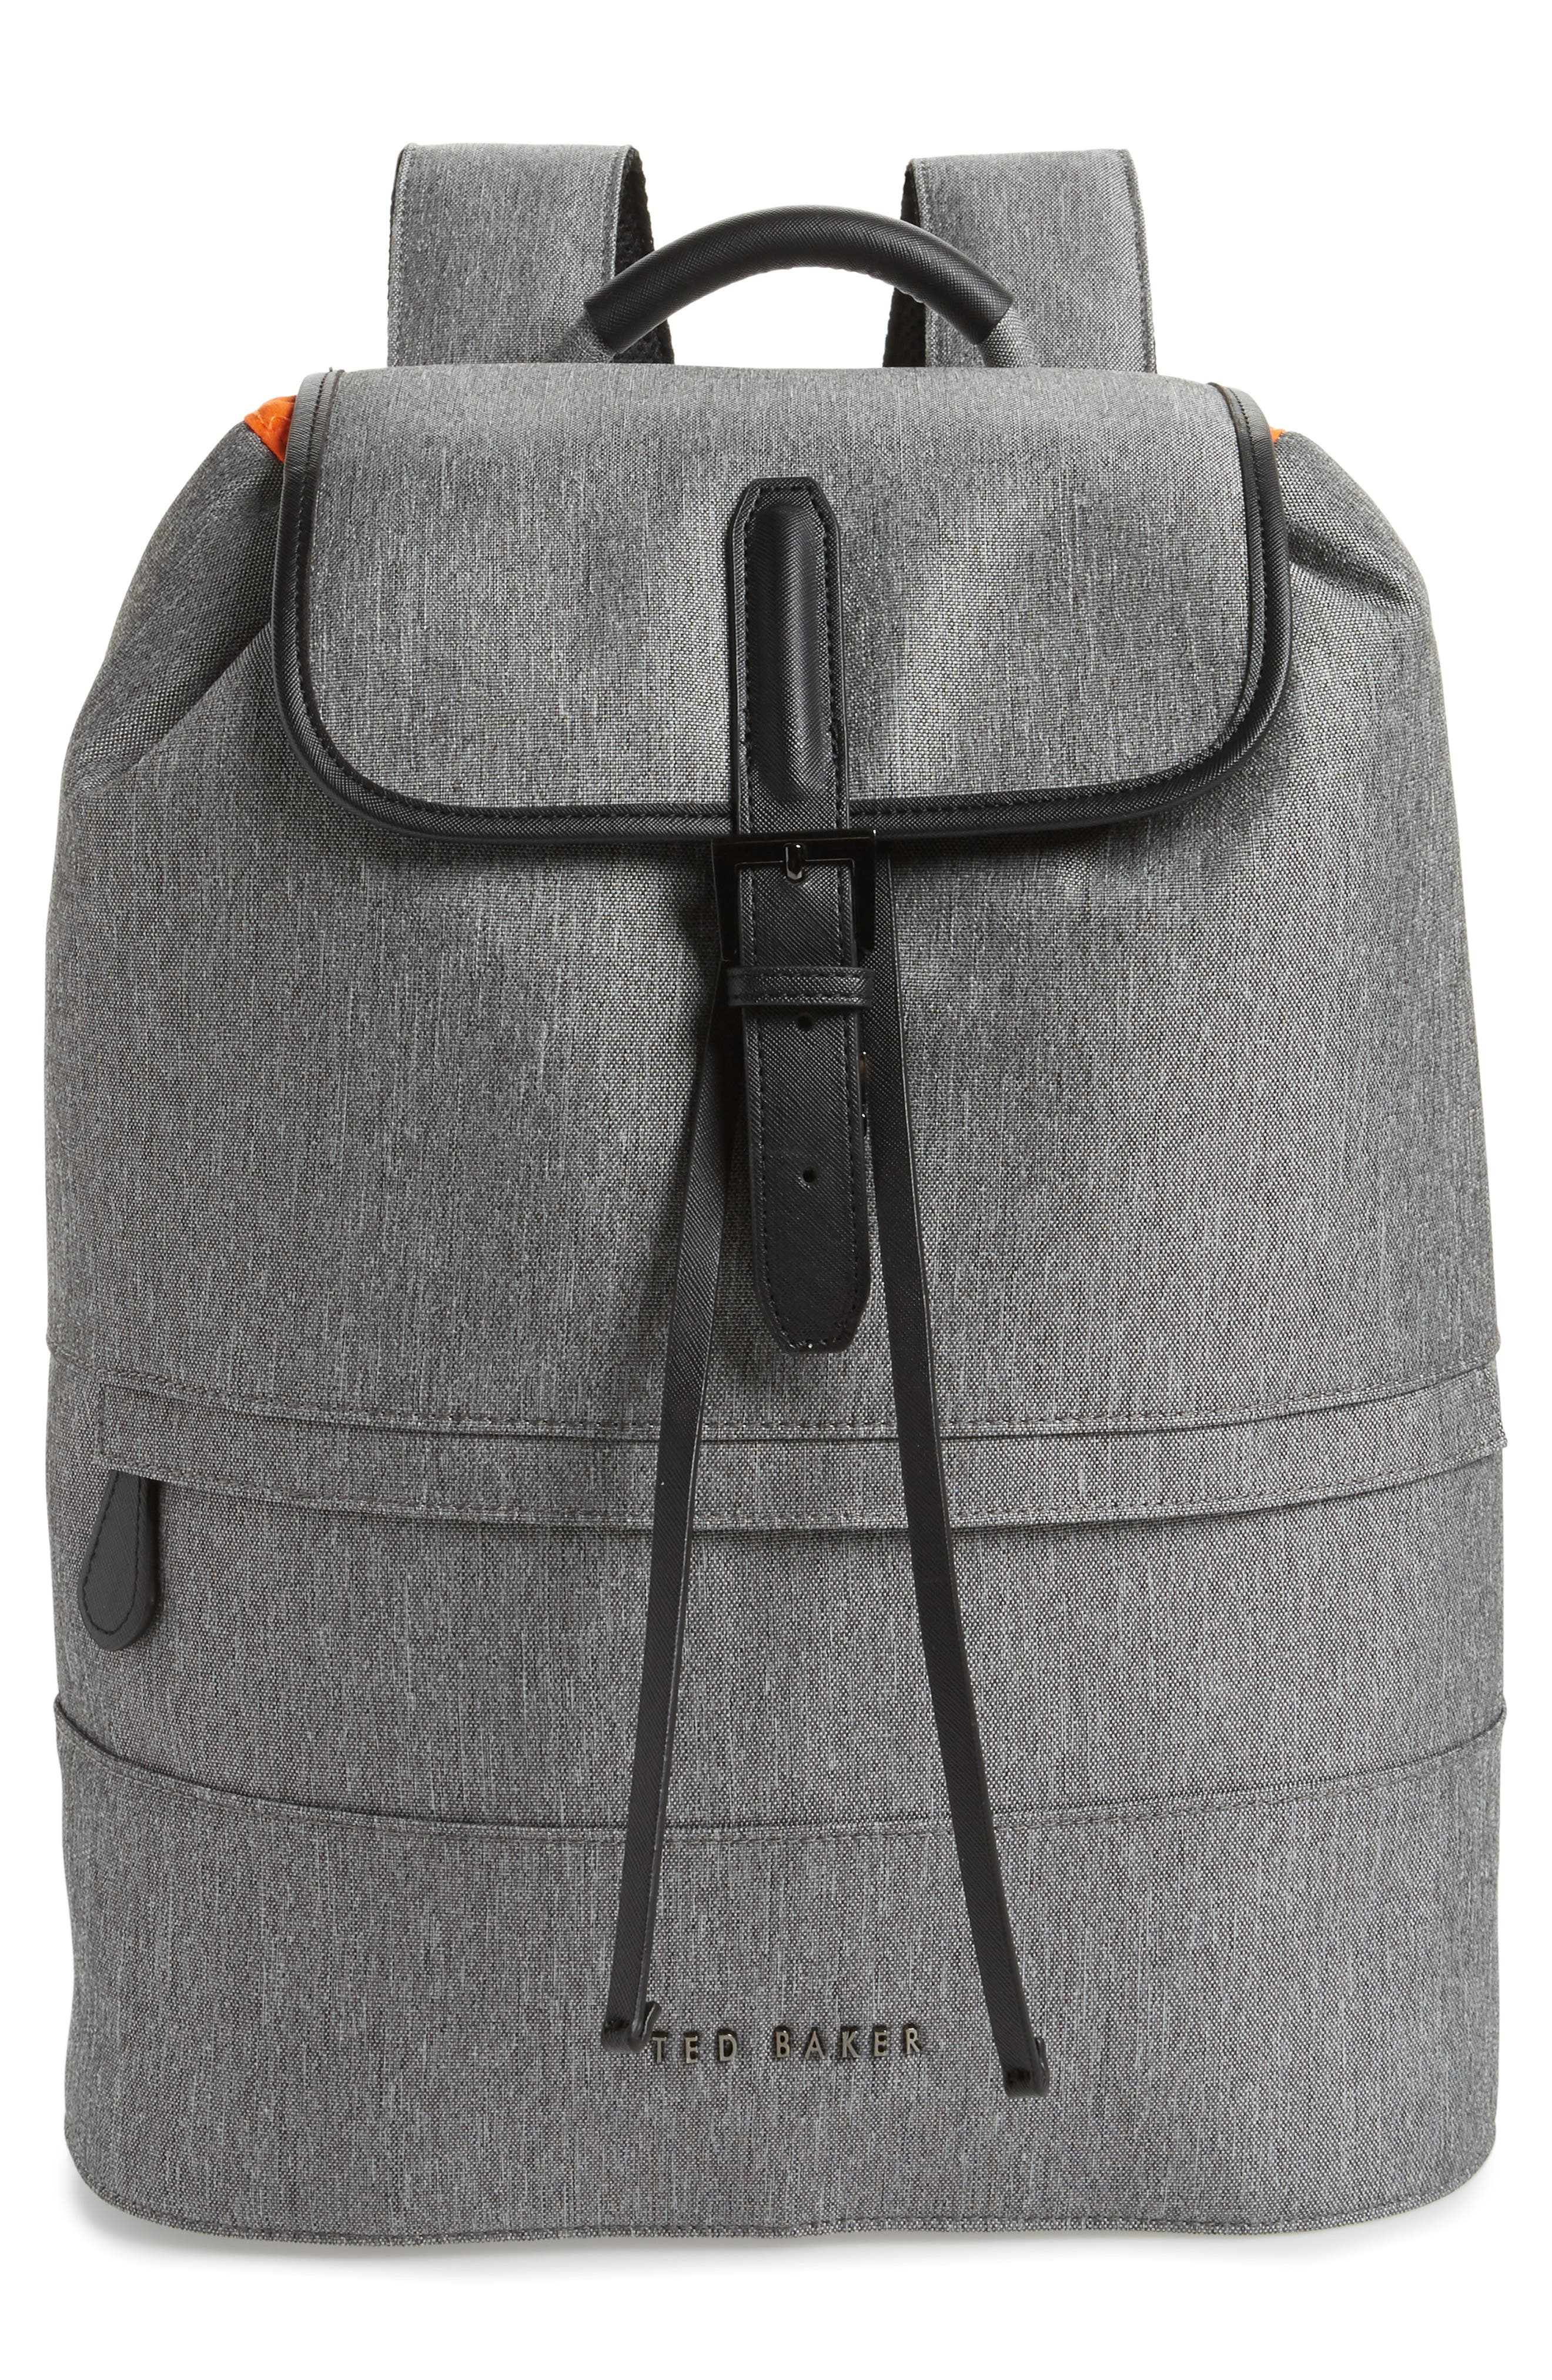 Rayman Backpack,                             Main thumbnail 1, color,                             030